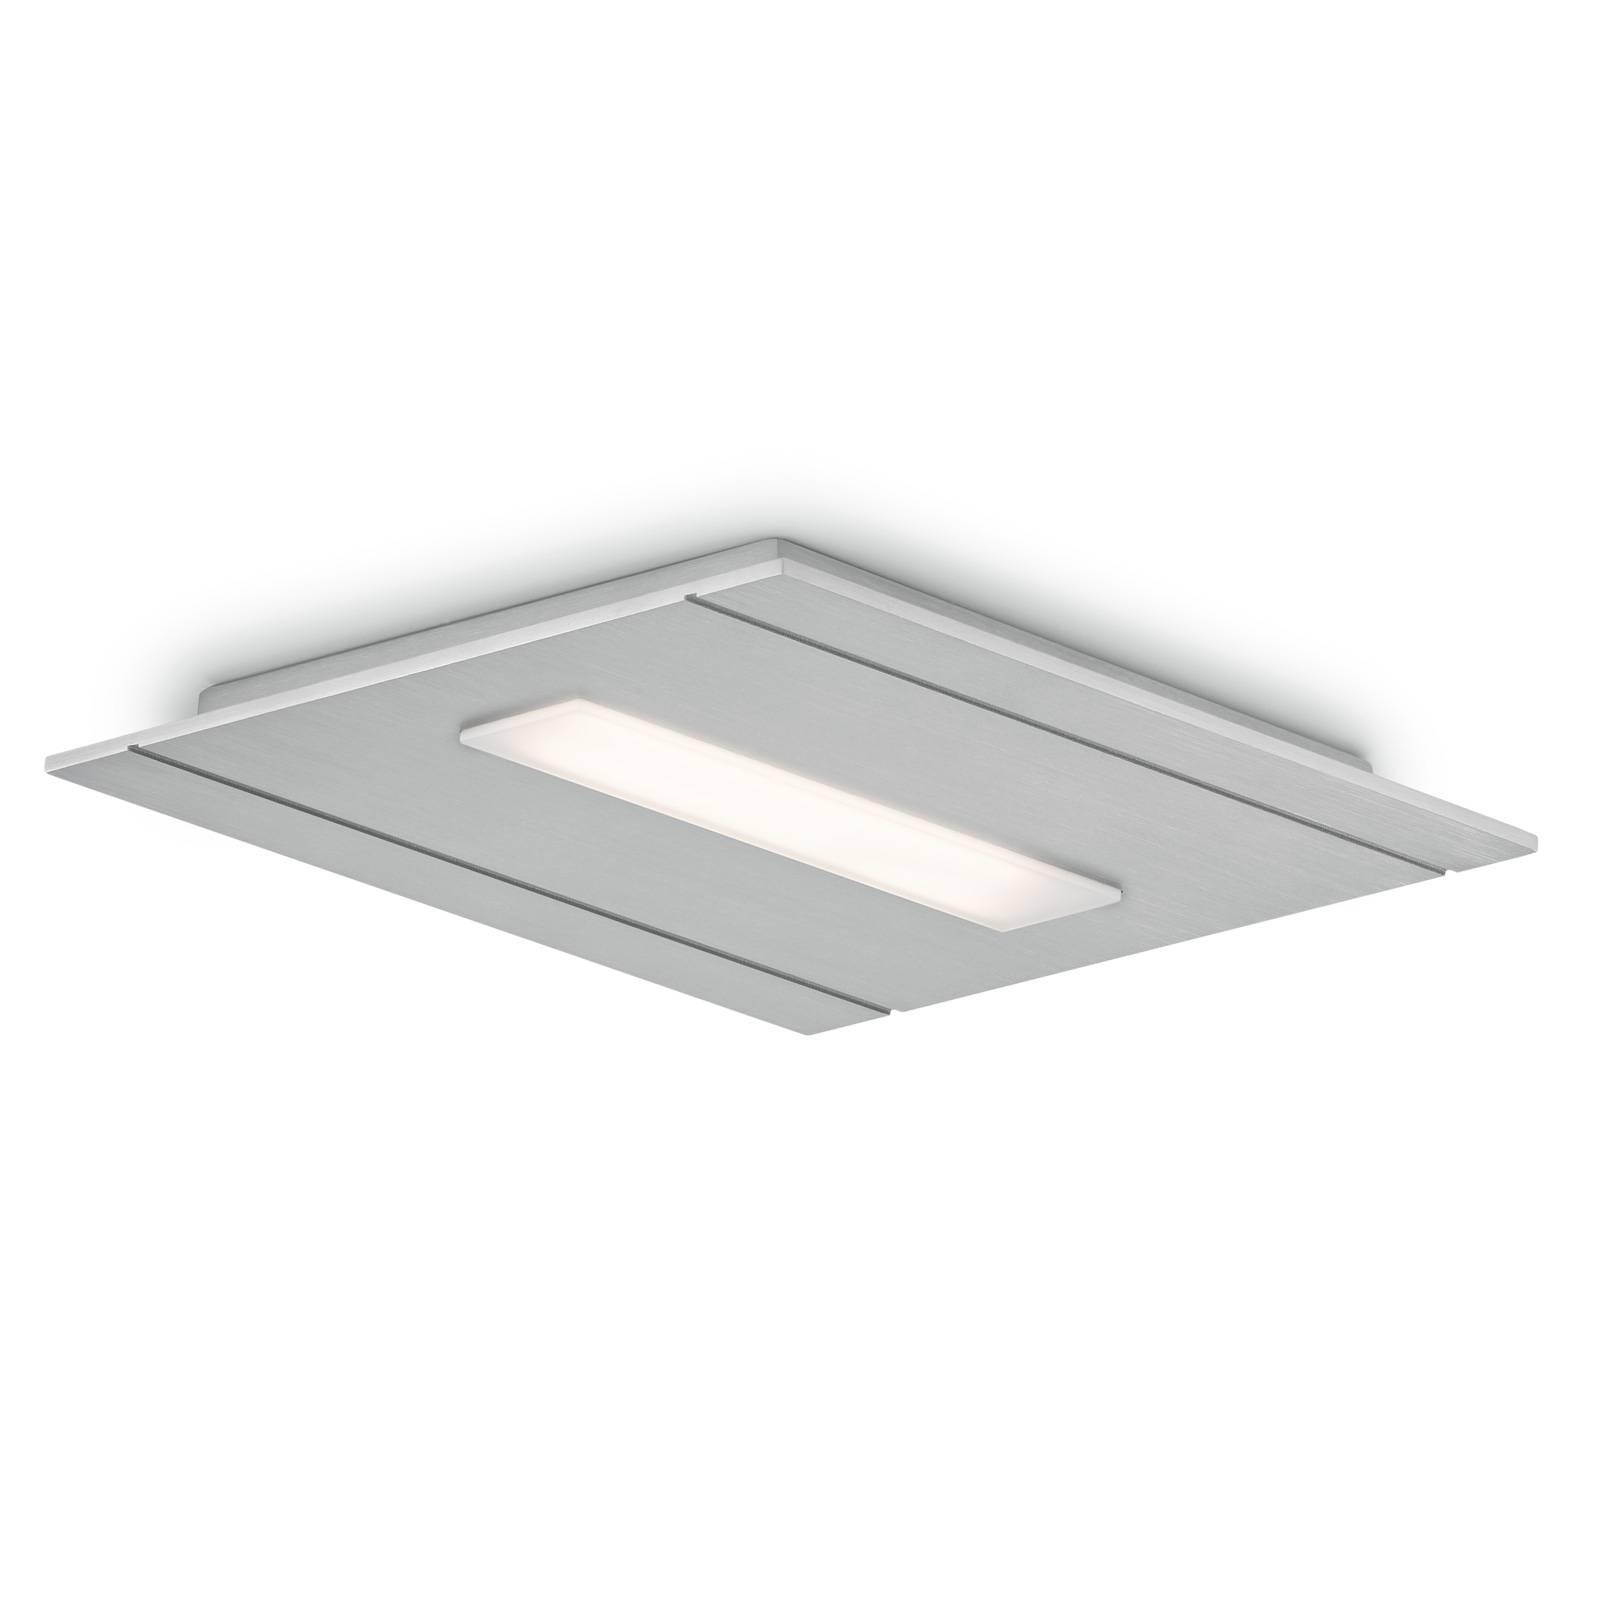 LED-kattovalaisin Sina-1, dim-to-warm 1-lamppuinen